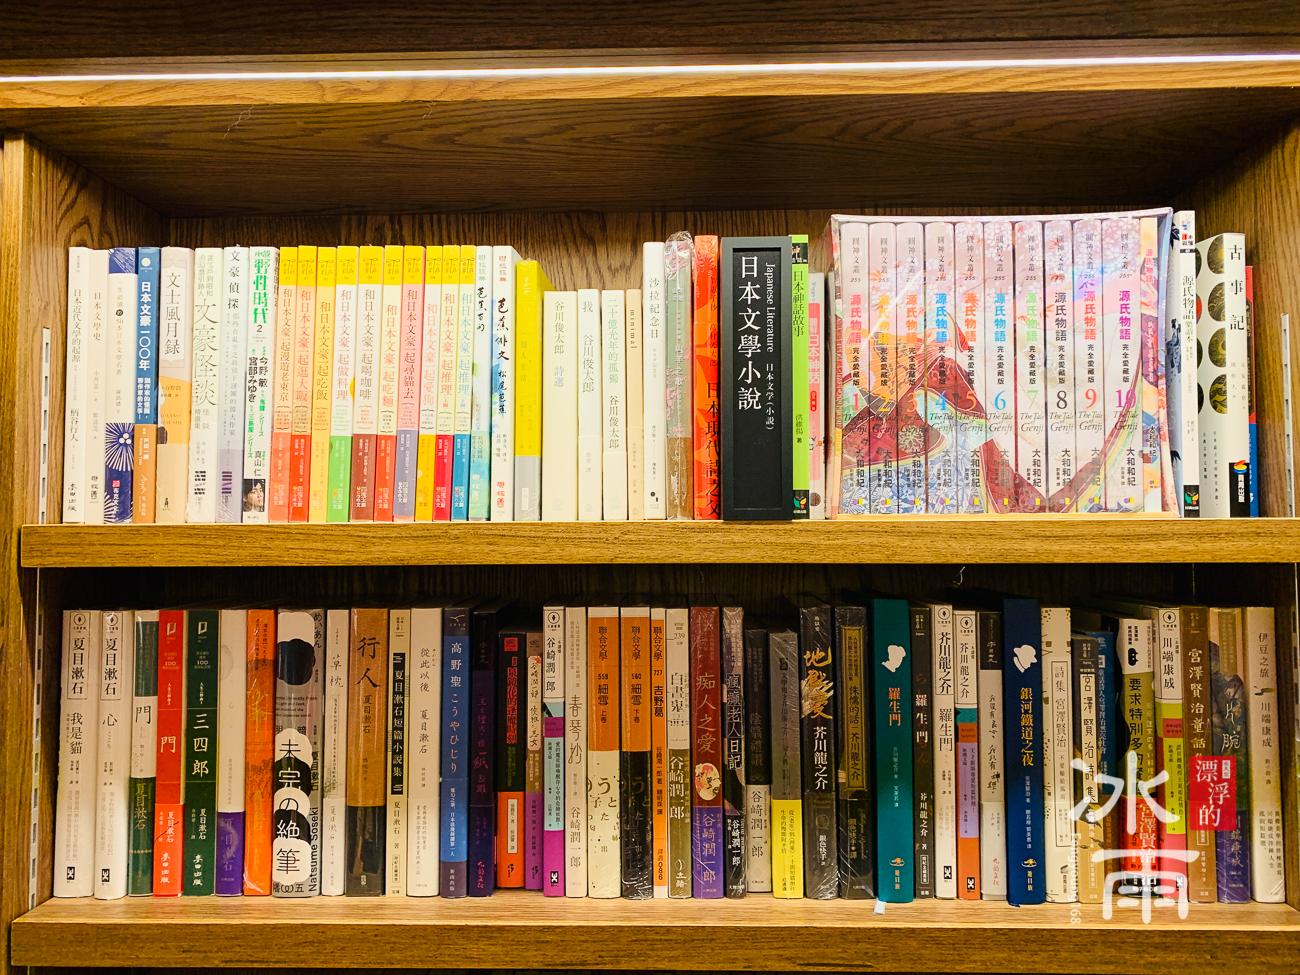 蔦屋書店松山店書籍種類照片